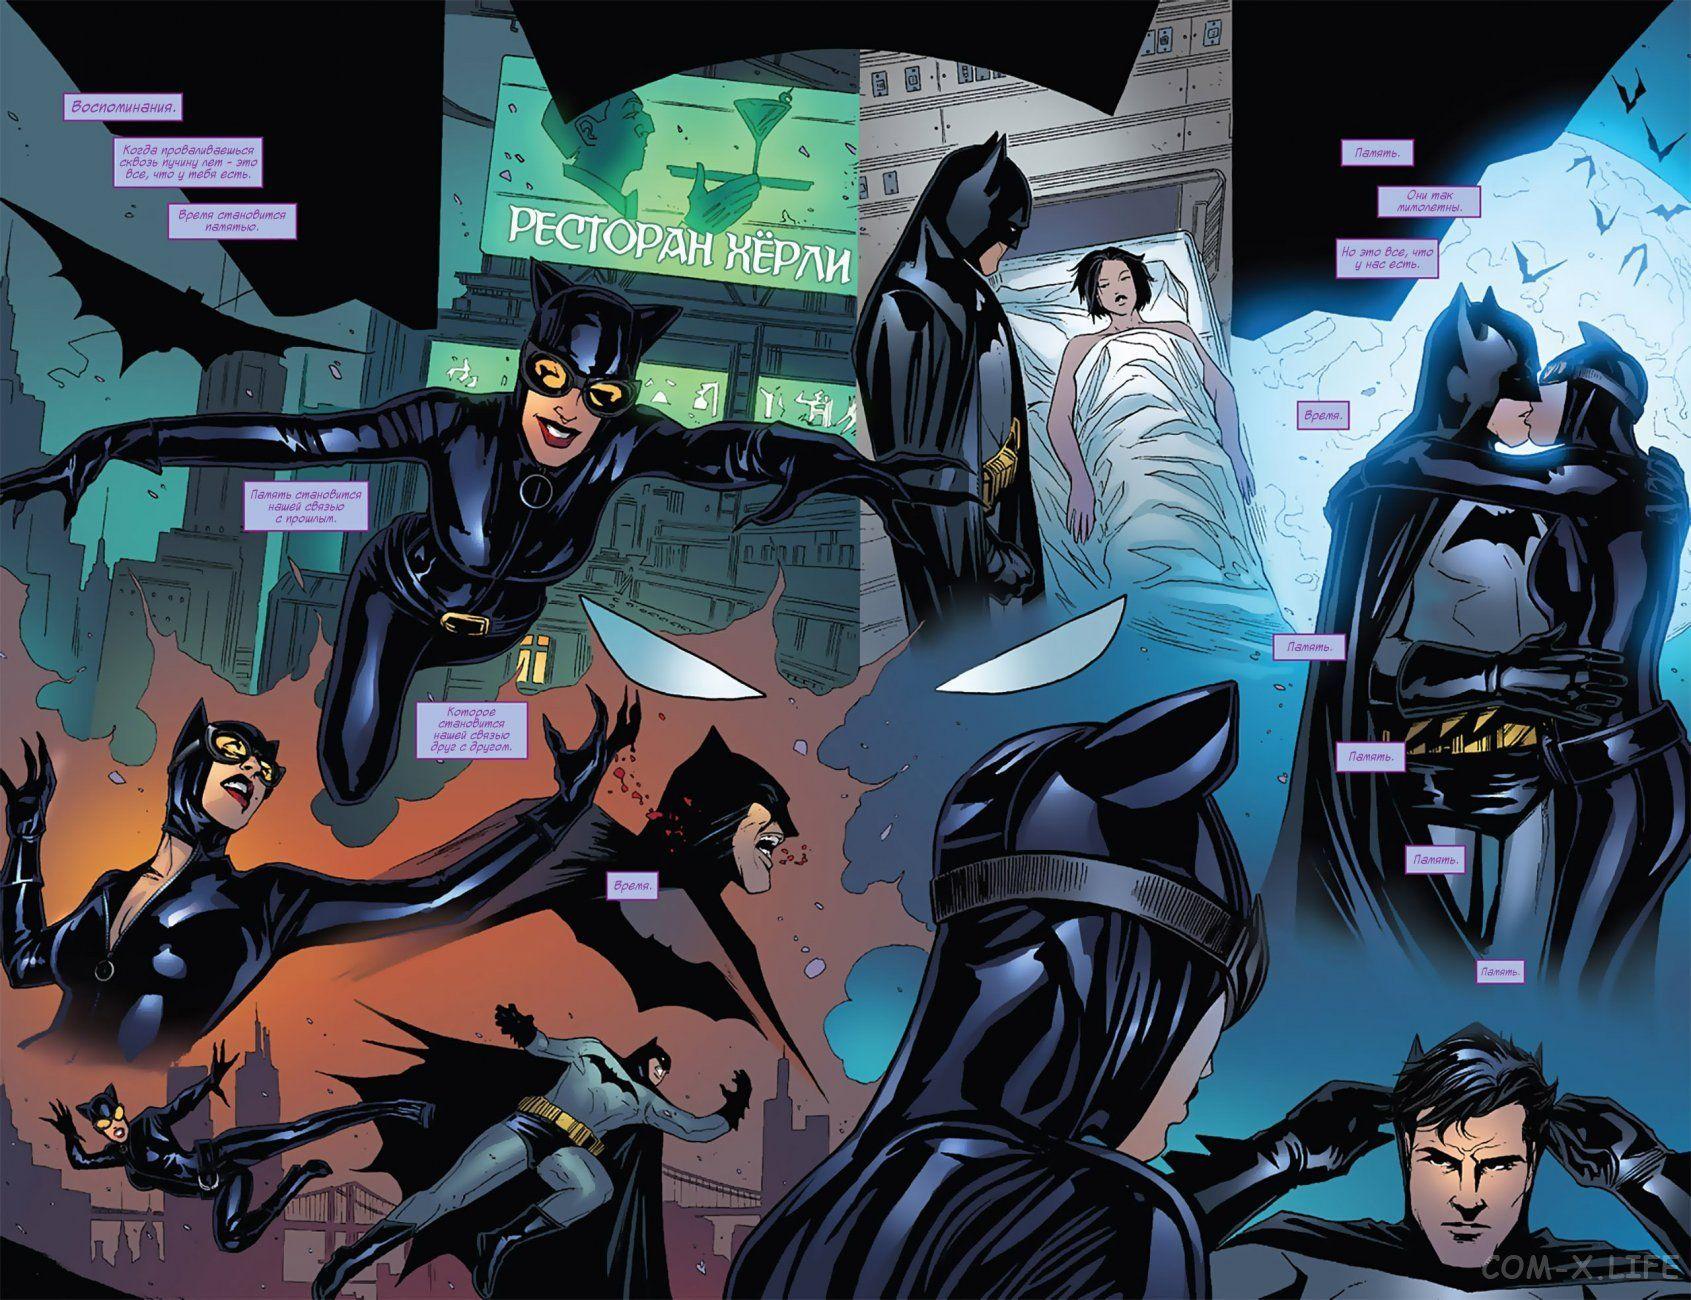 Читать Gotham City Sirens / Готэмские Сирены > # 18 онлайн на русском…